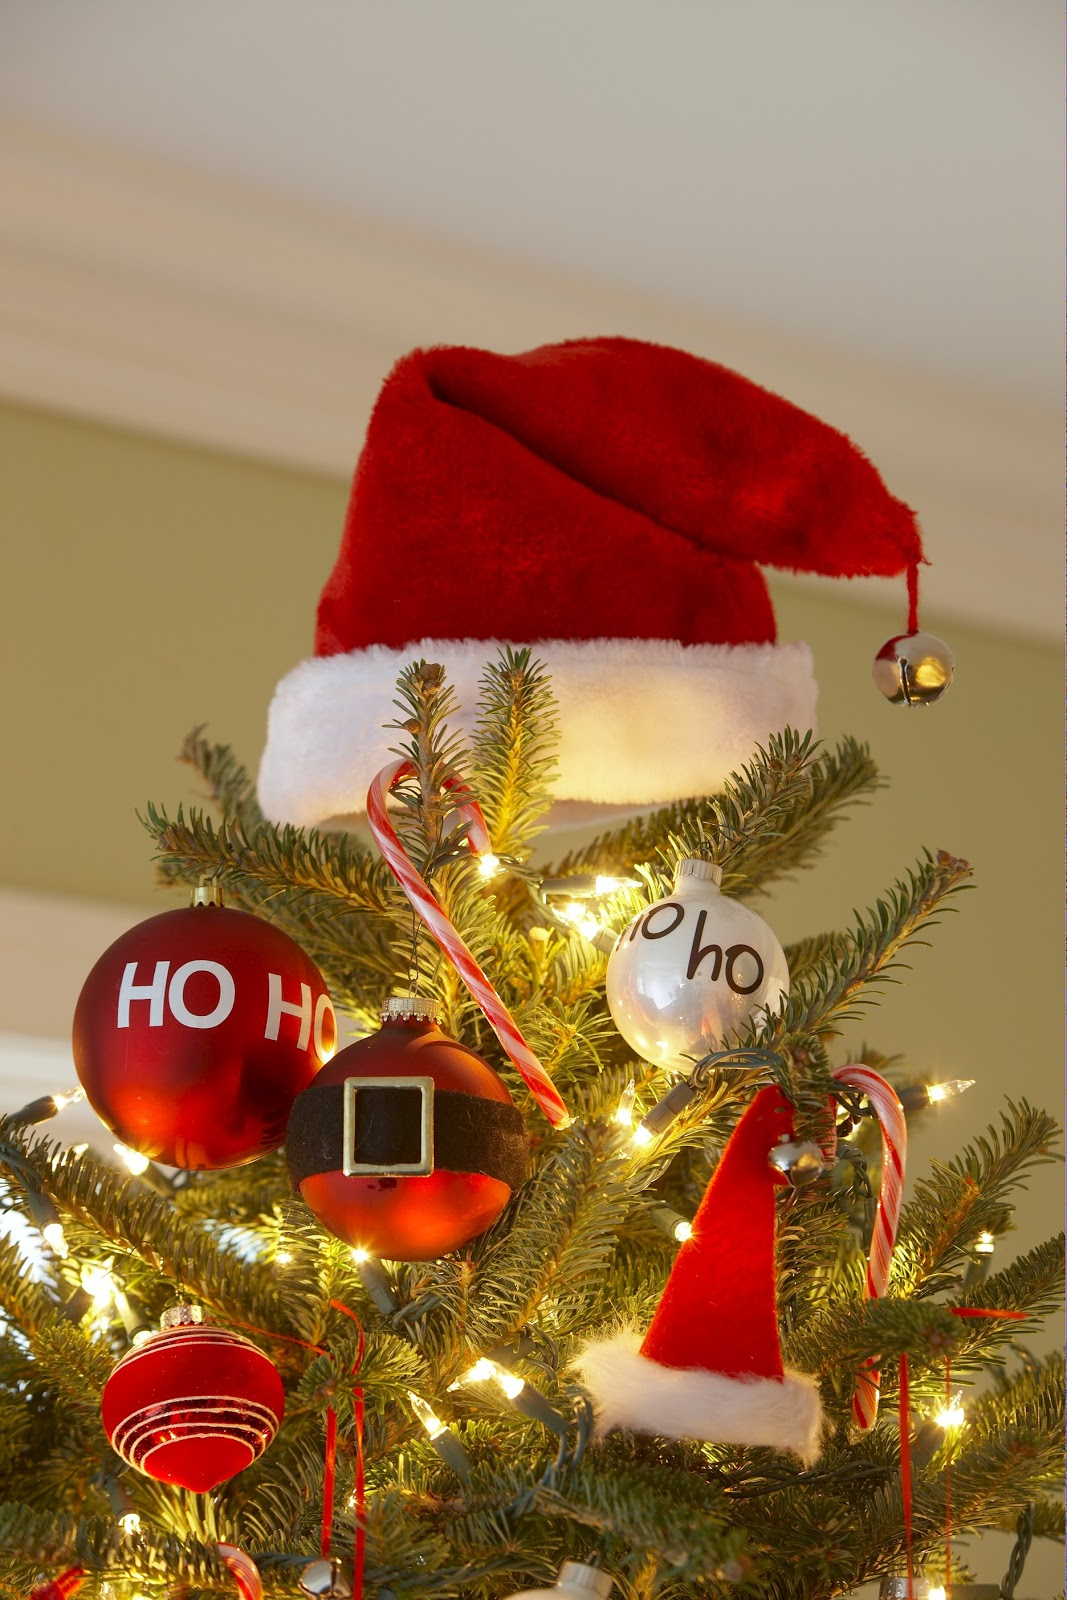 Karin Lidbeck 24 Day Countdown Santa Tree And Ornaments